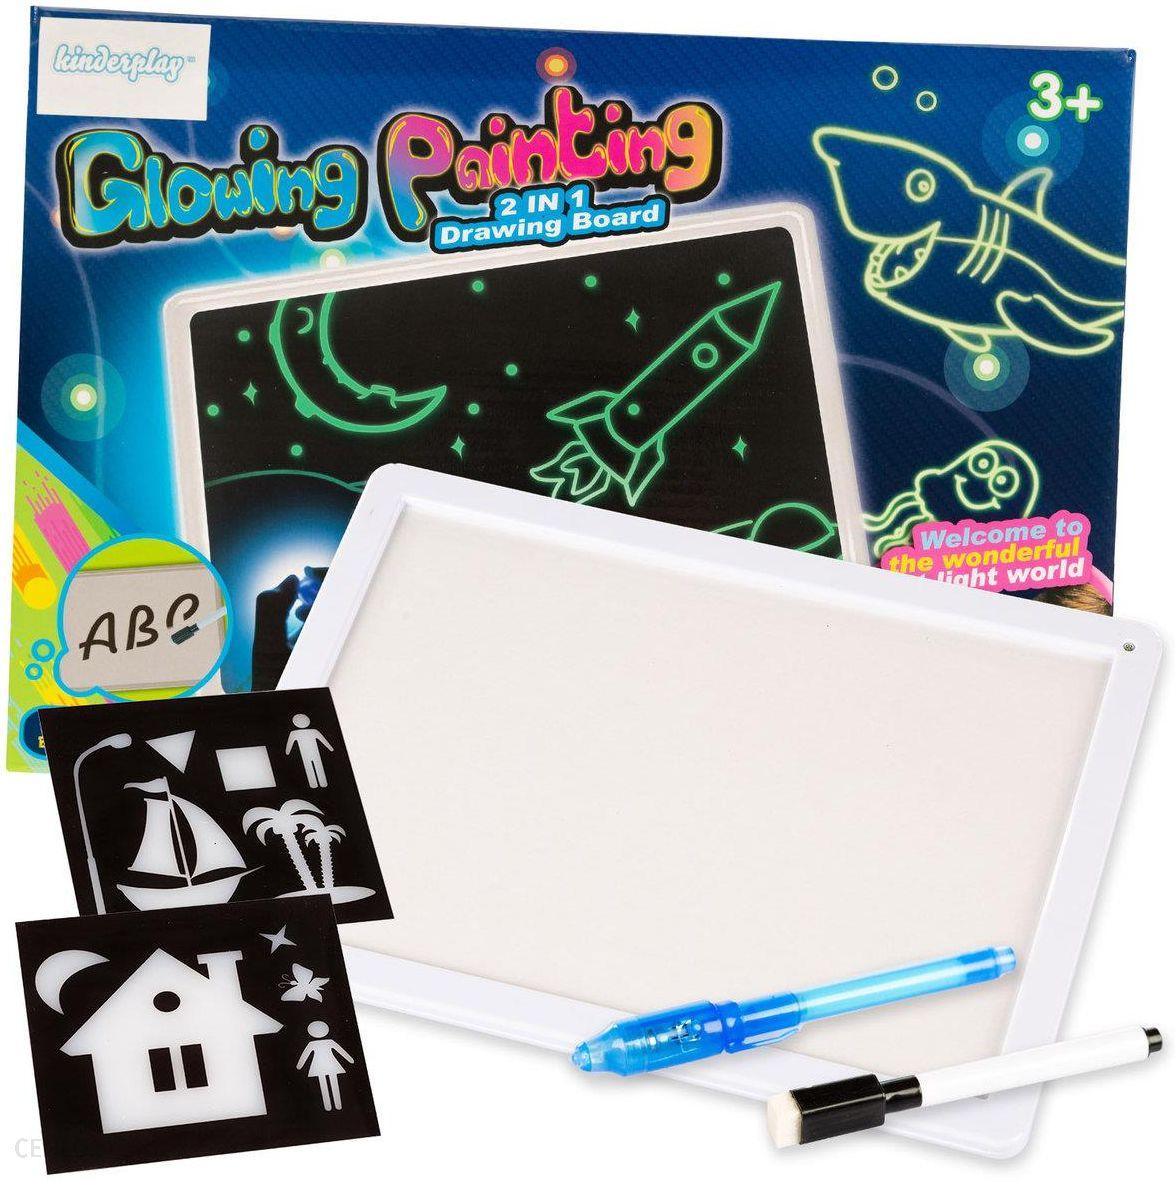 prezent dla 8-latka tablica do rysowania światlłem